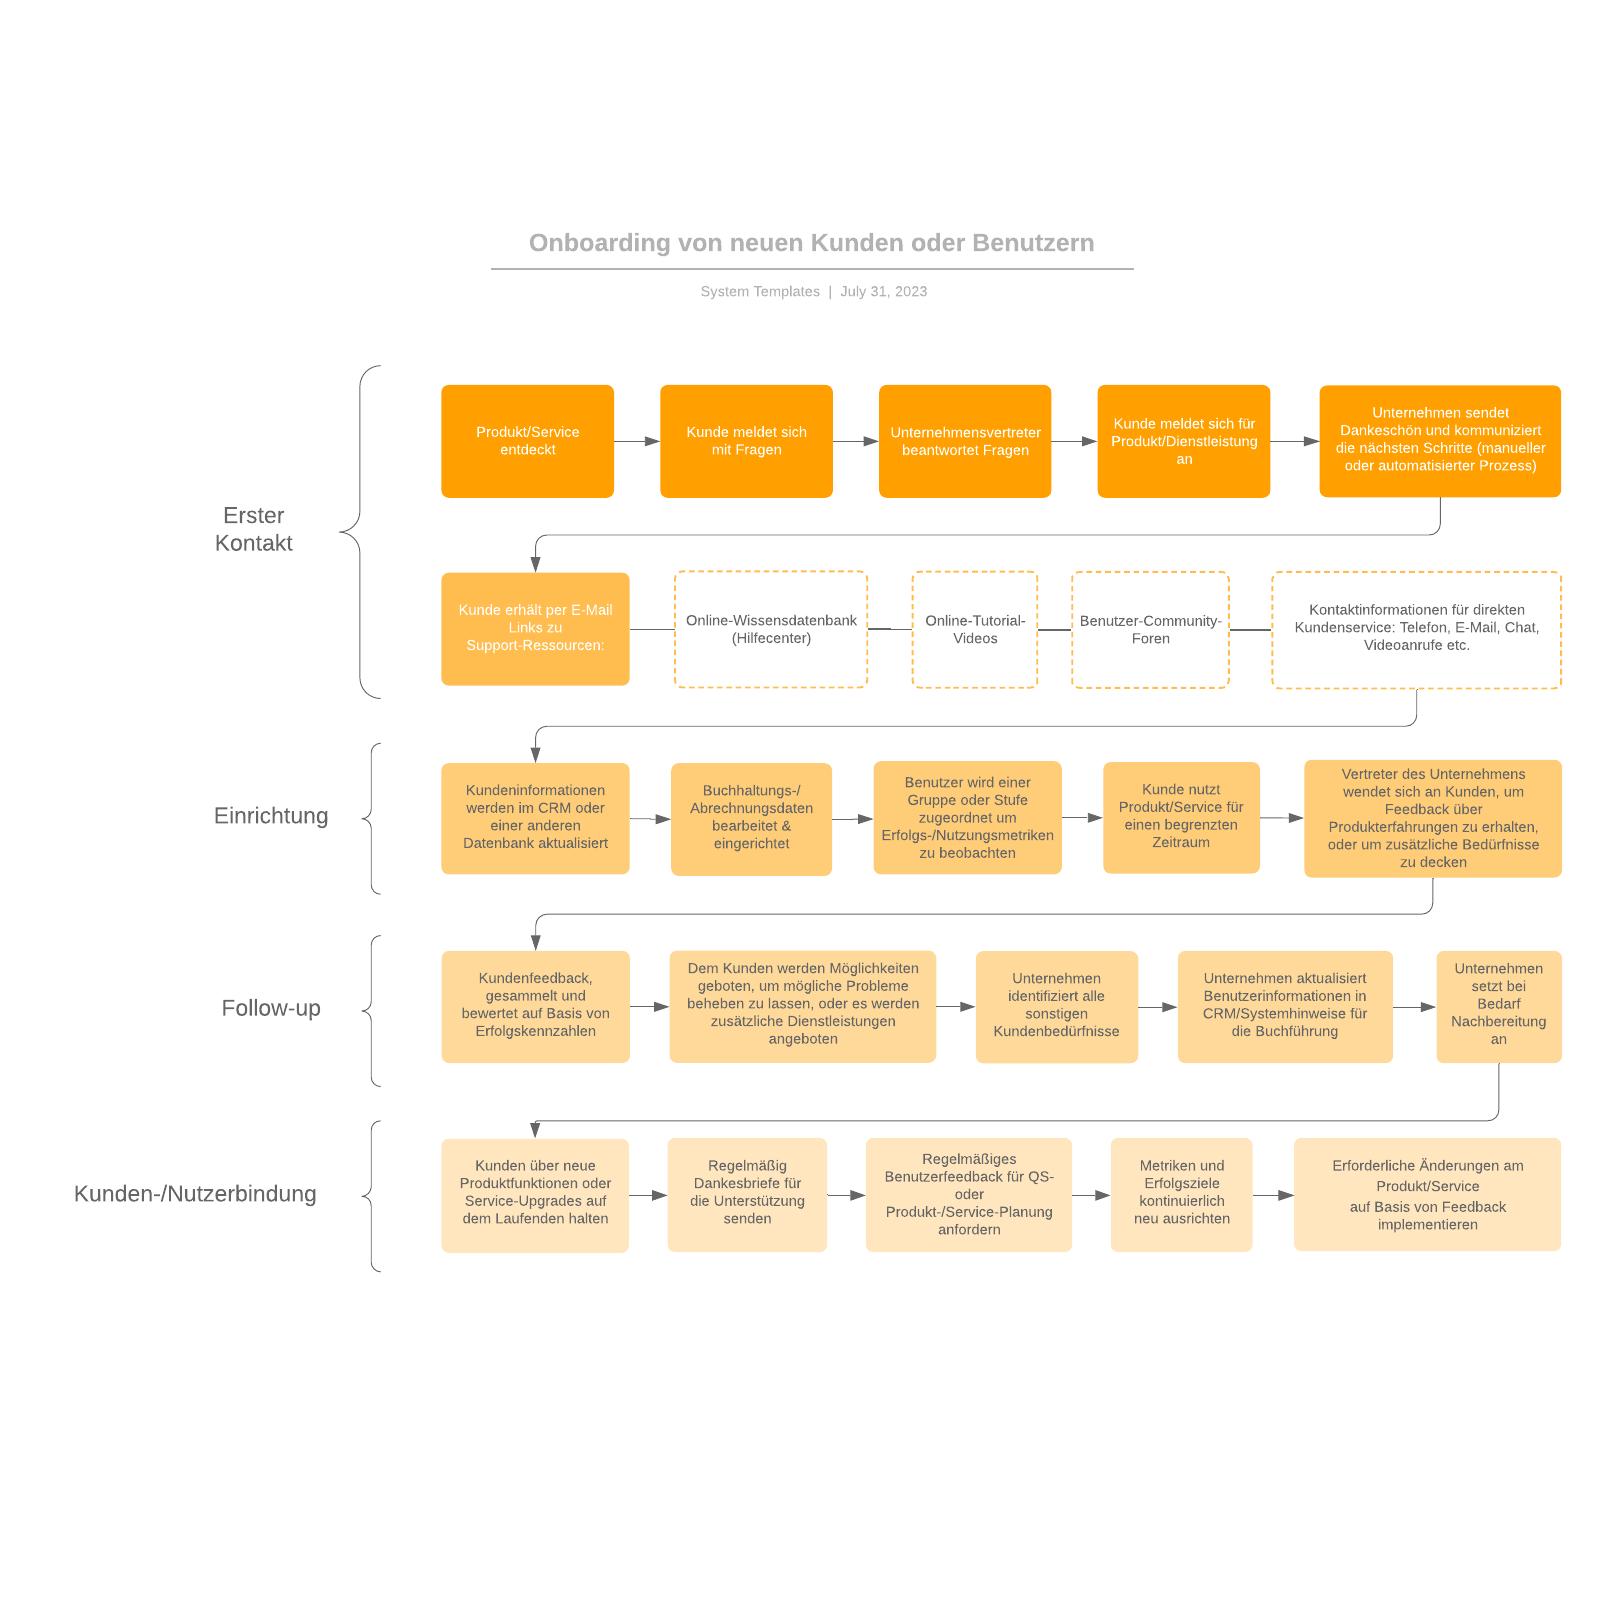 Onboarding von Kunden Flussdiagramm Beispiel